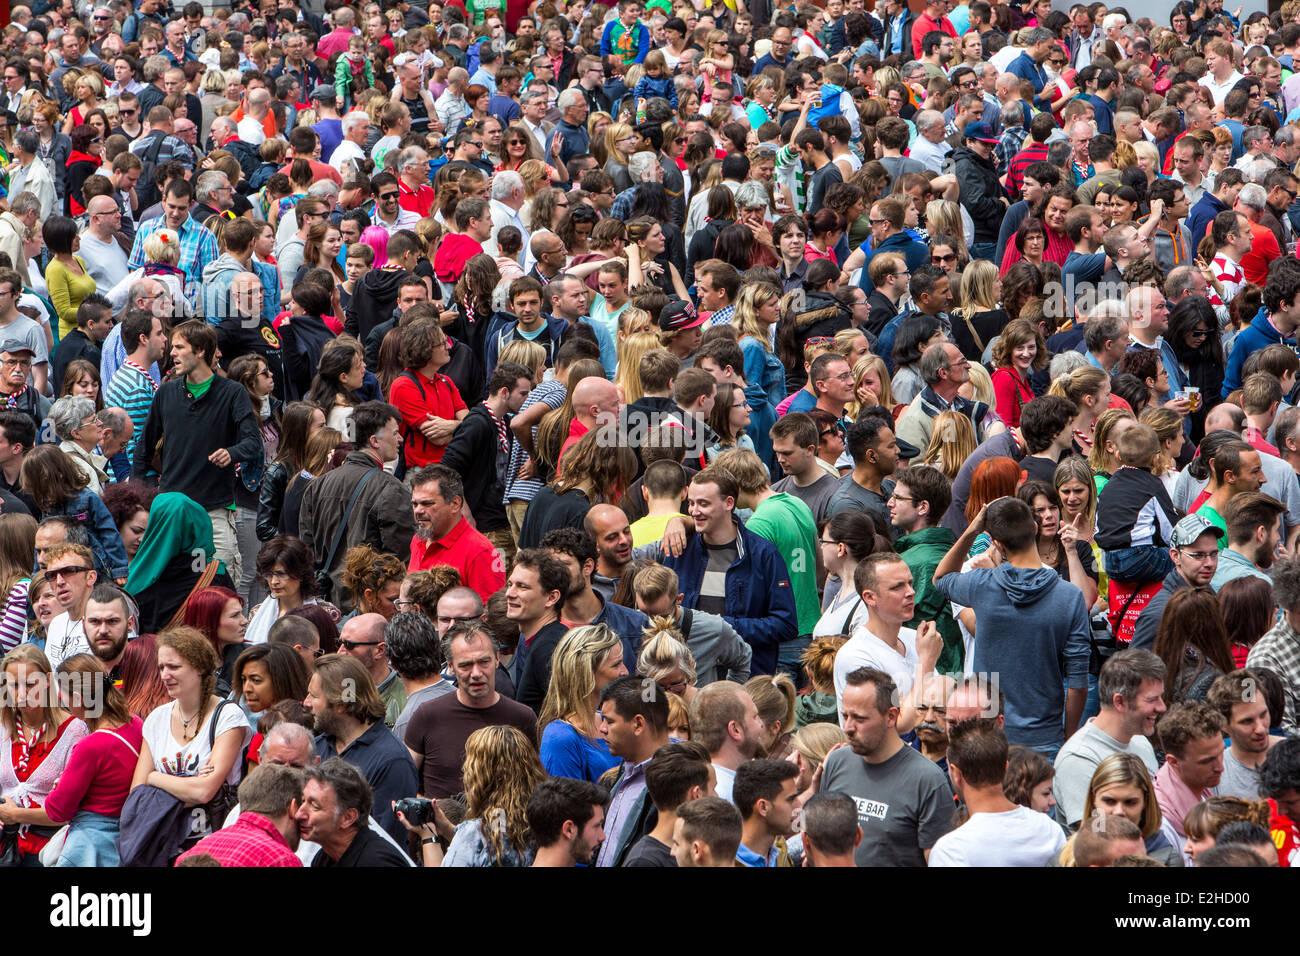 Multitud, muchas personas en un espacio confinado, en un festival, Imagen De Stock